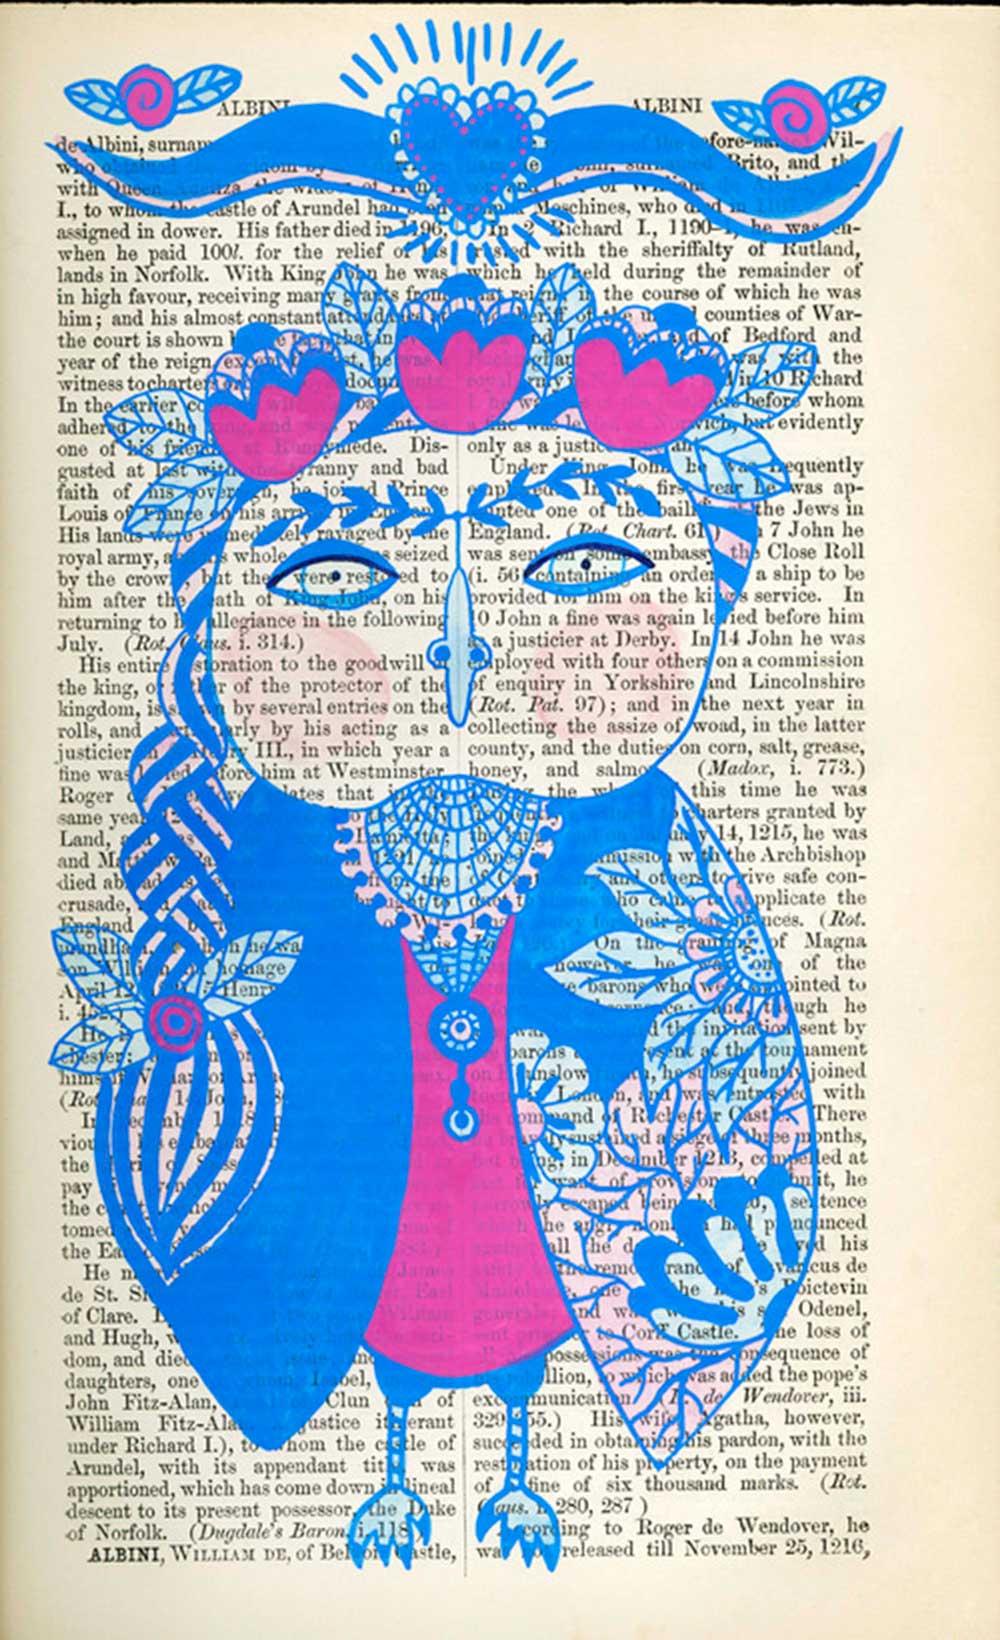 blooming-book-page-painting-eve-devore-5.jpg